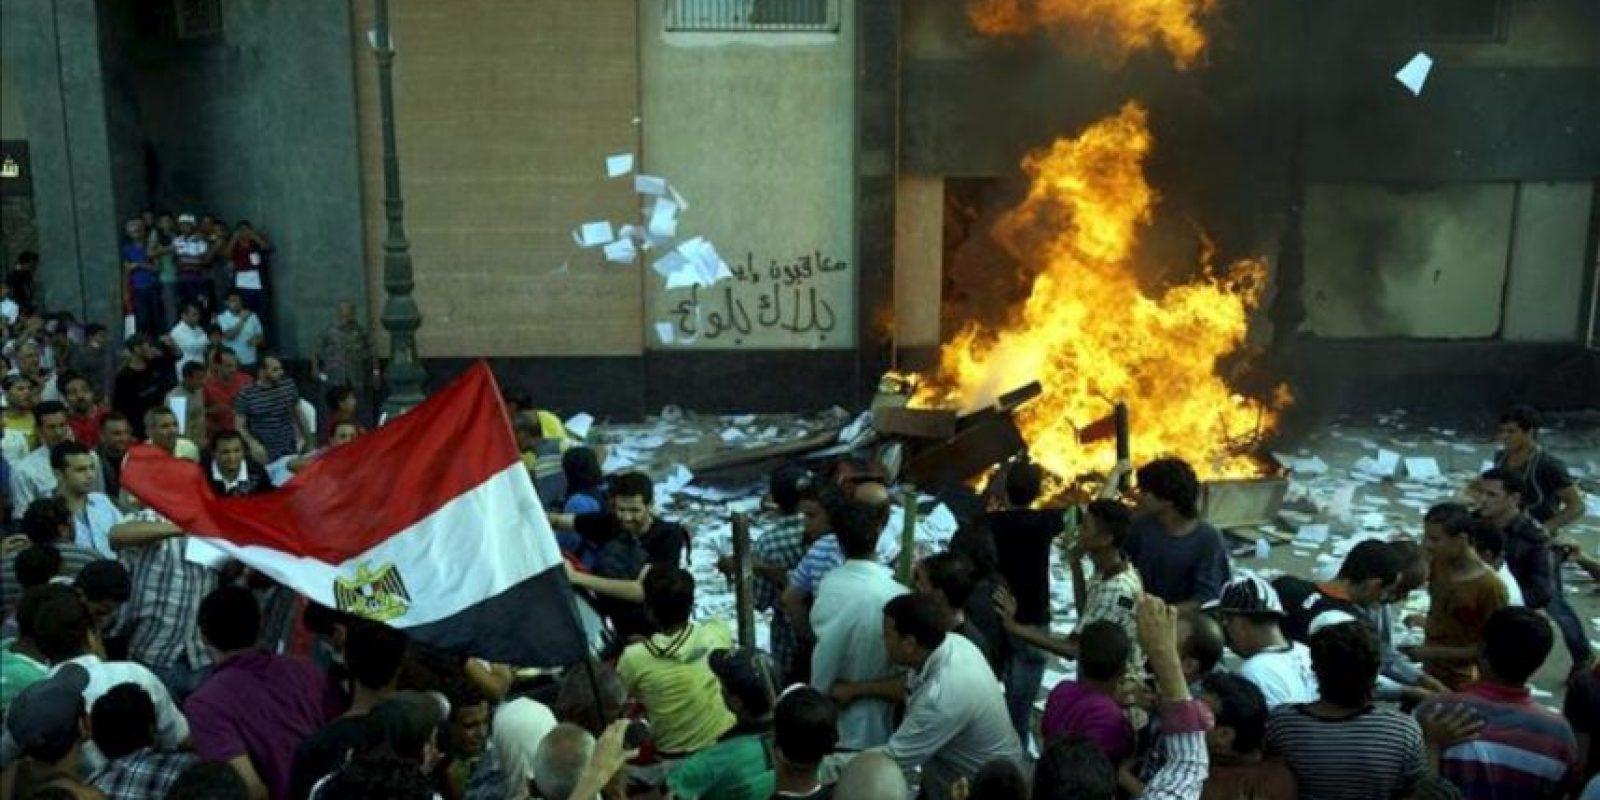 Varios detractores del presidente de Egipto, Mohamed Mursi, prenden fuego a la oficina de la hermandad musulmana en Alejandría, Egipto. EFE